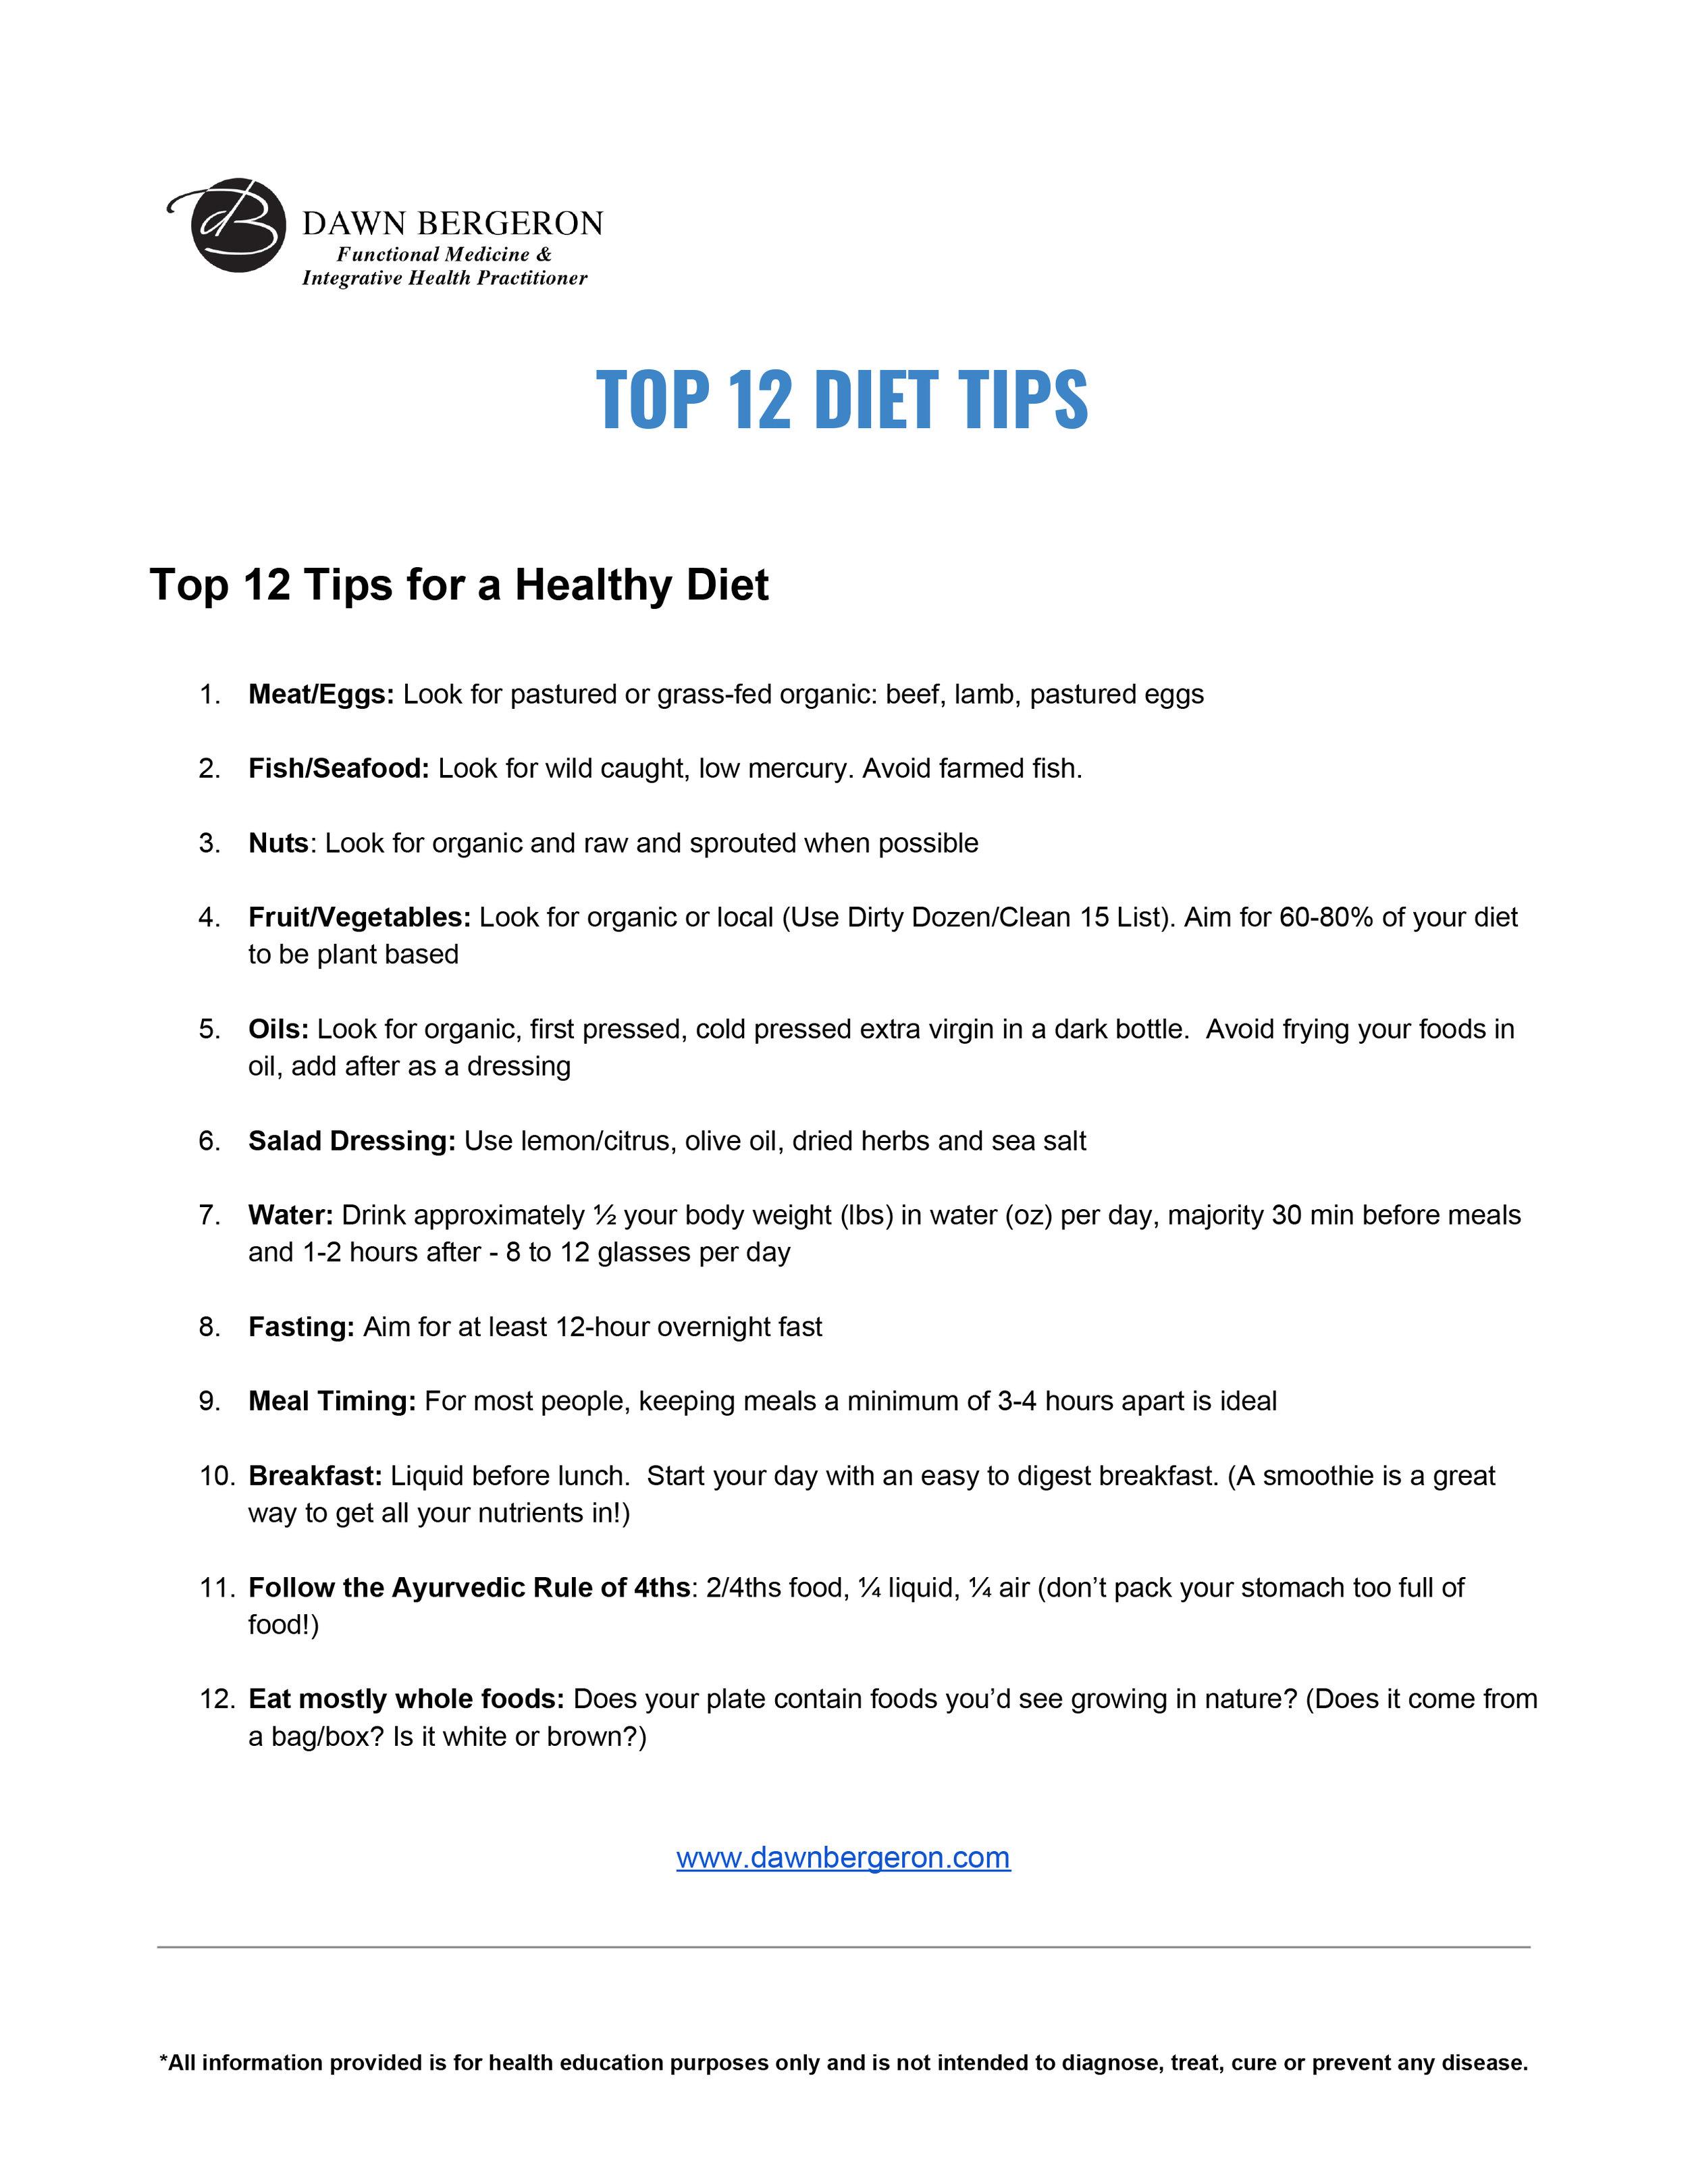 TOP 12 DIET TIPS - DB.jpg